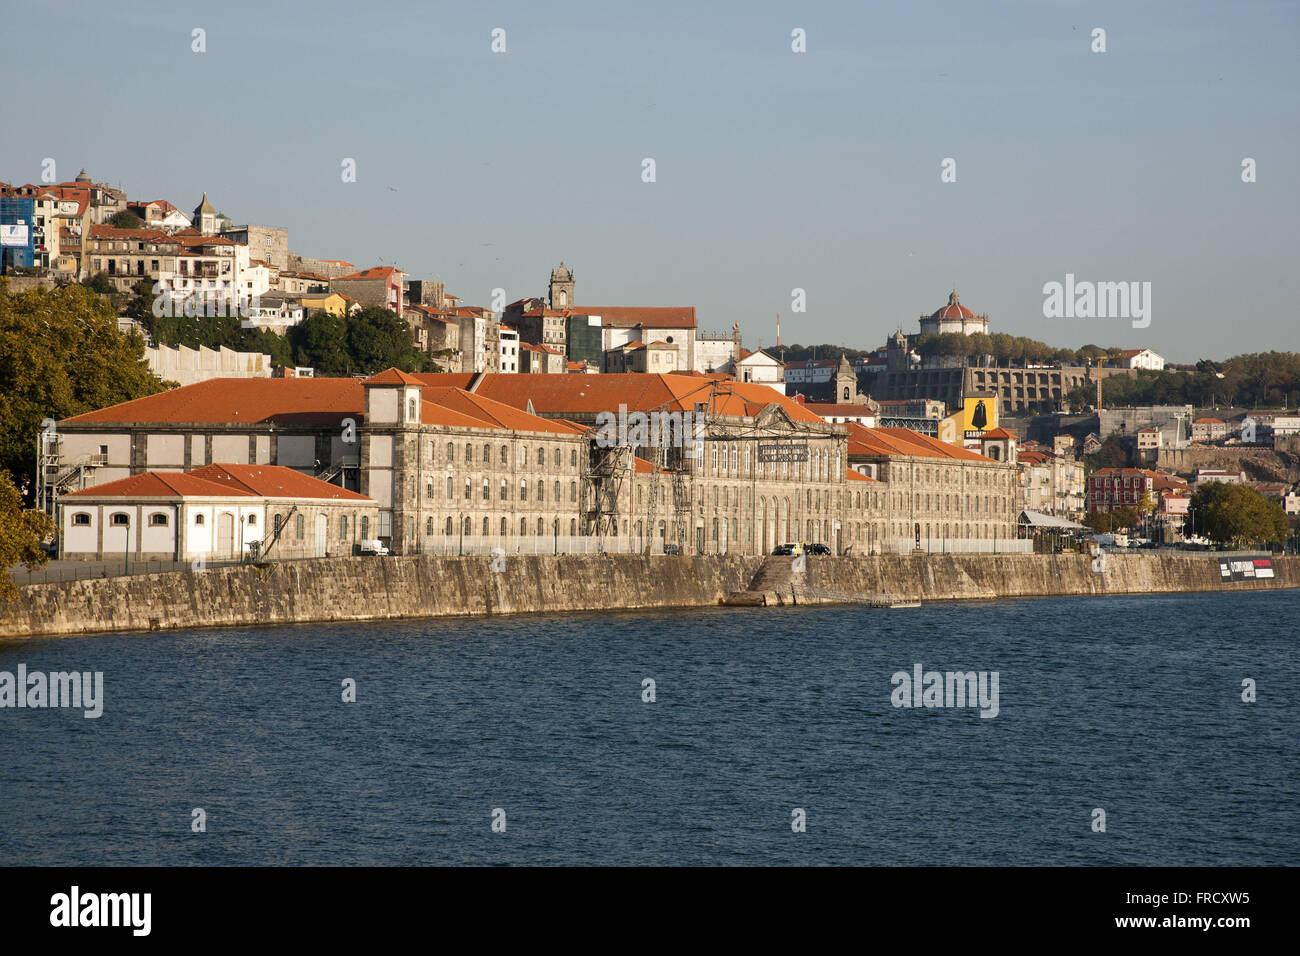 De nouvelles coutumes d'Oporto - Musée des Transports et des Communications Photo Stock